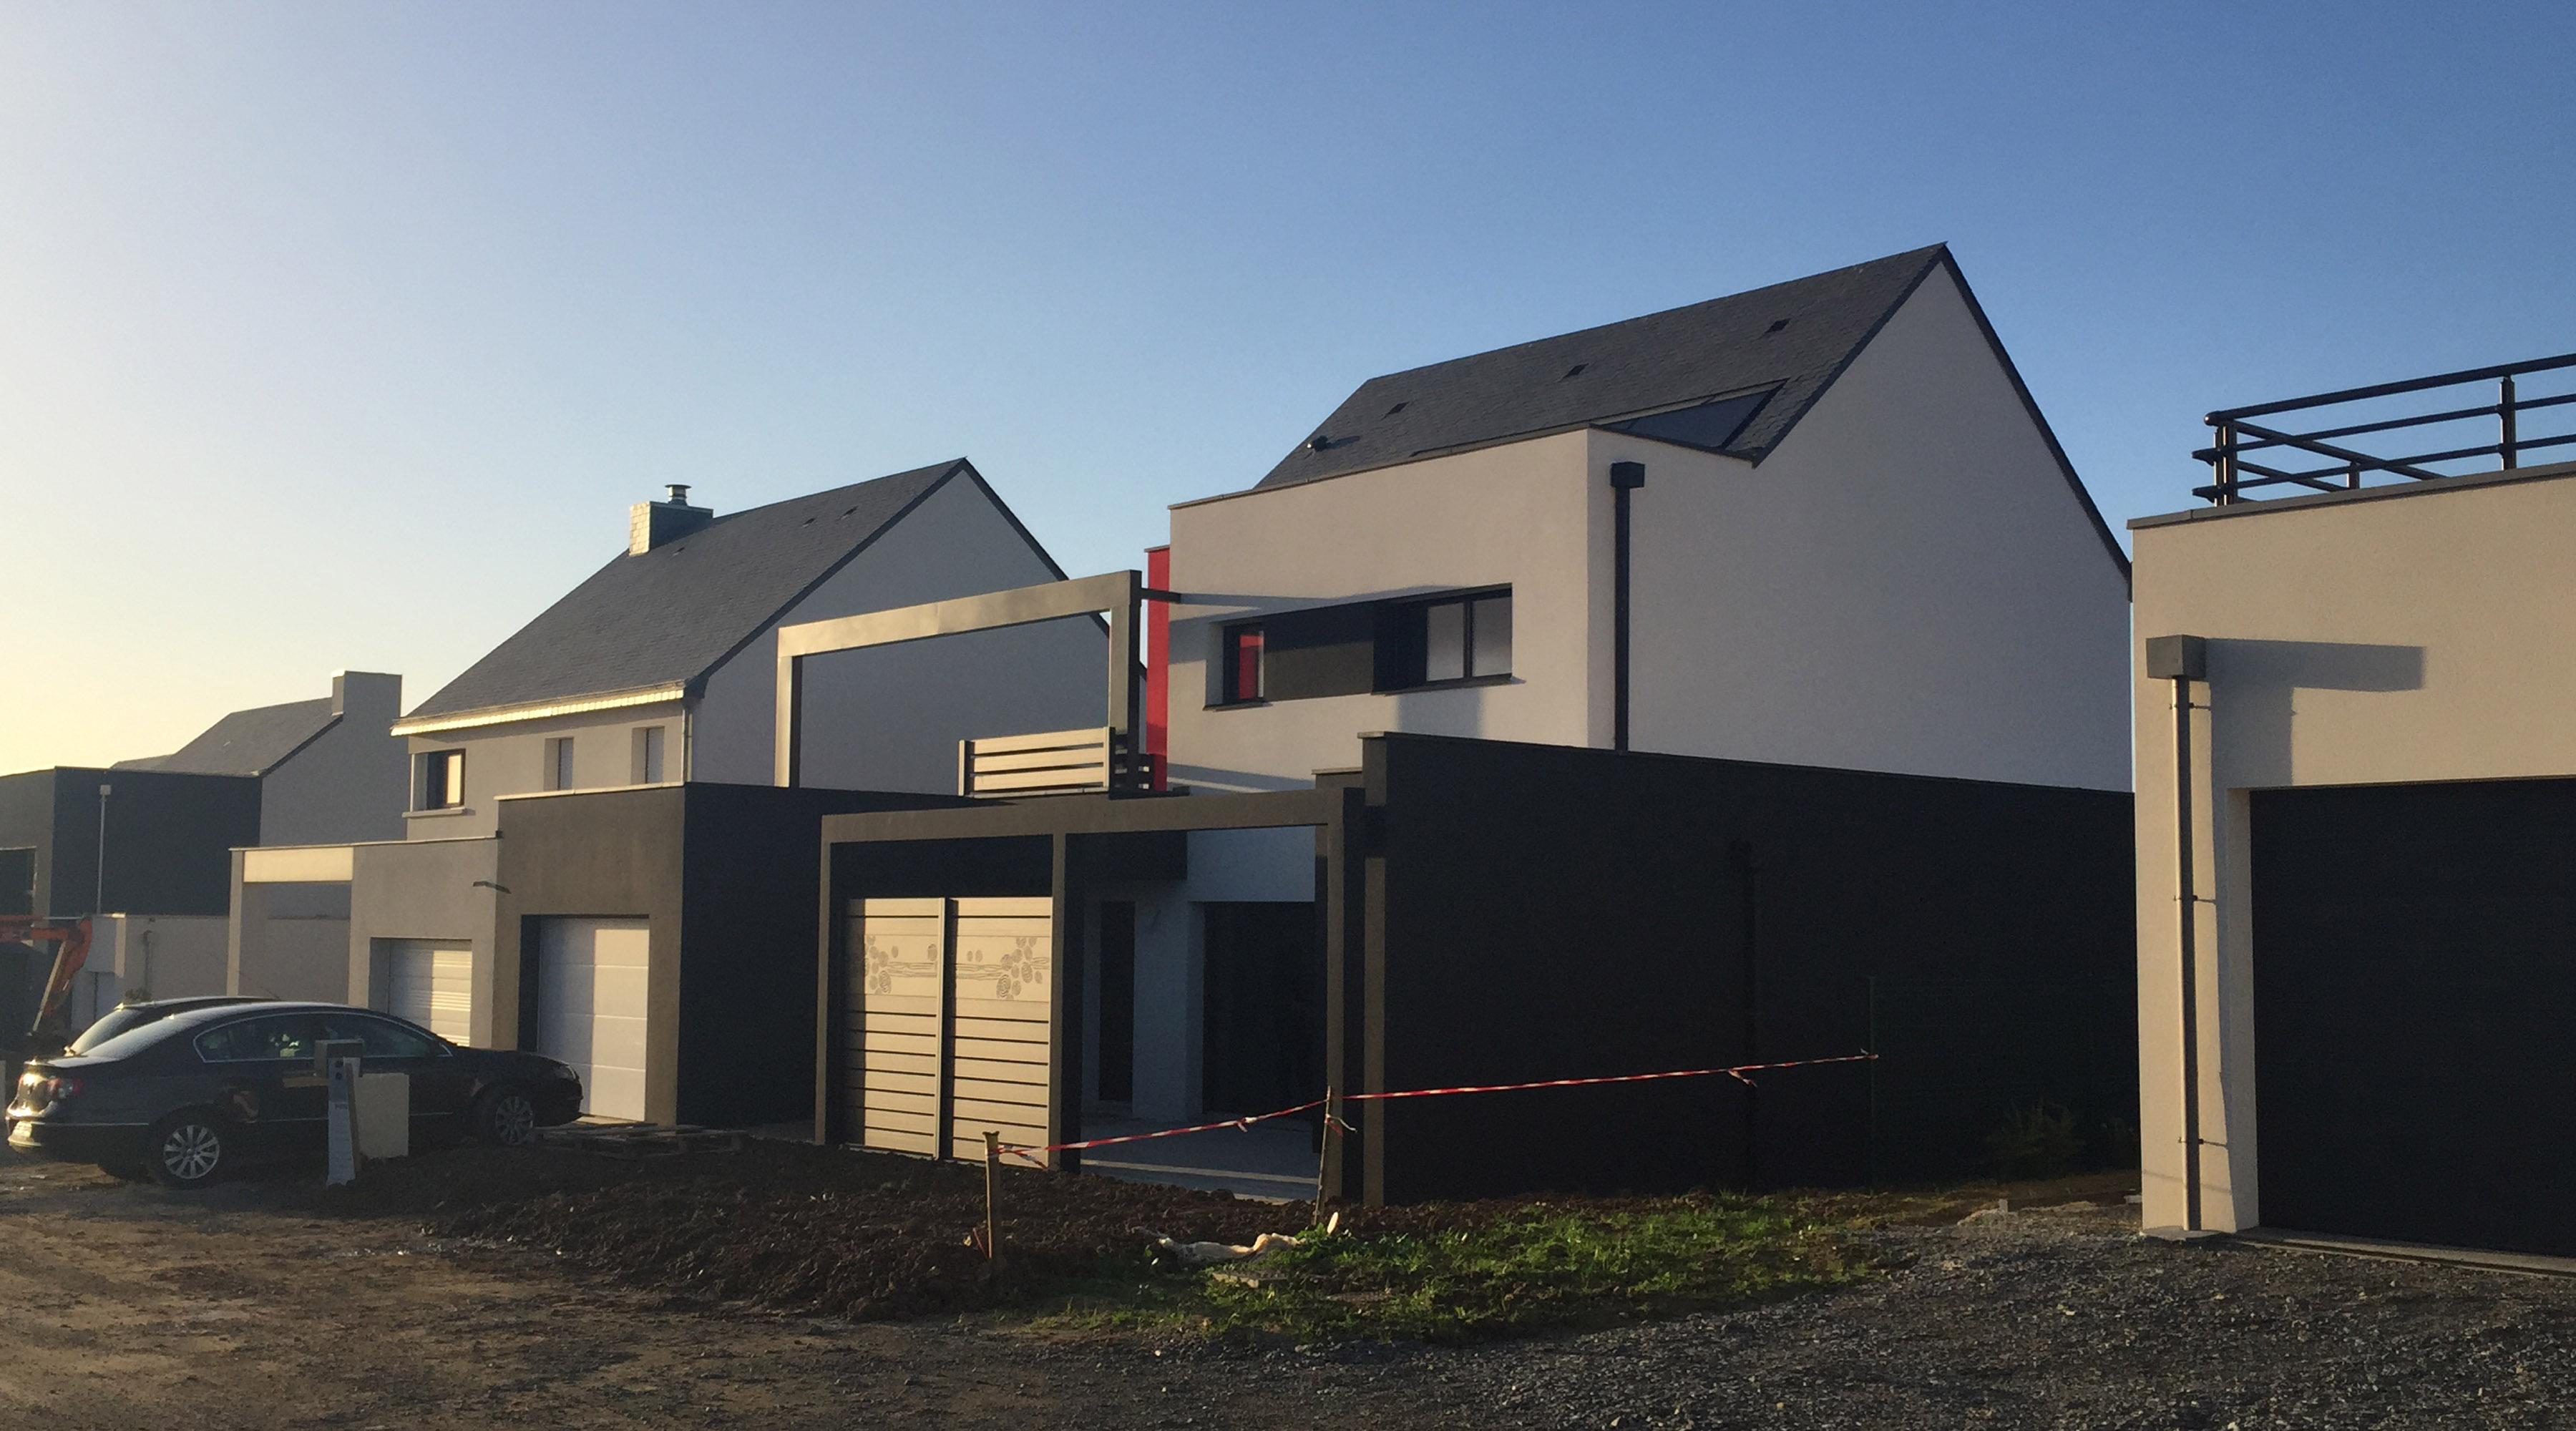 Maison d 39 architecte contemporaine st gr goire 35 agence 2 2 vues - Architecte d interieur rennes ...